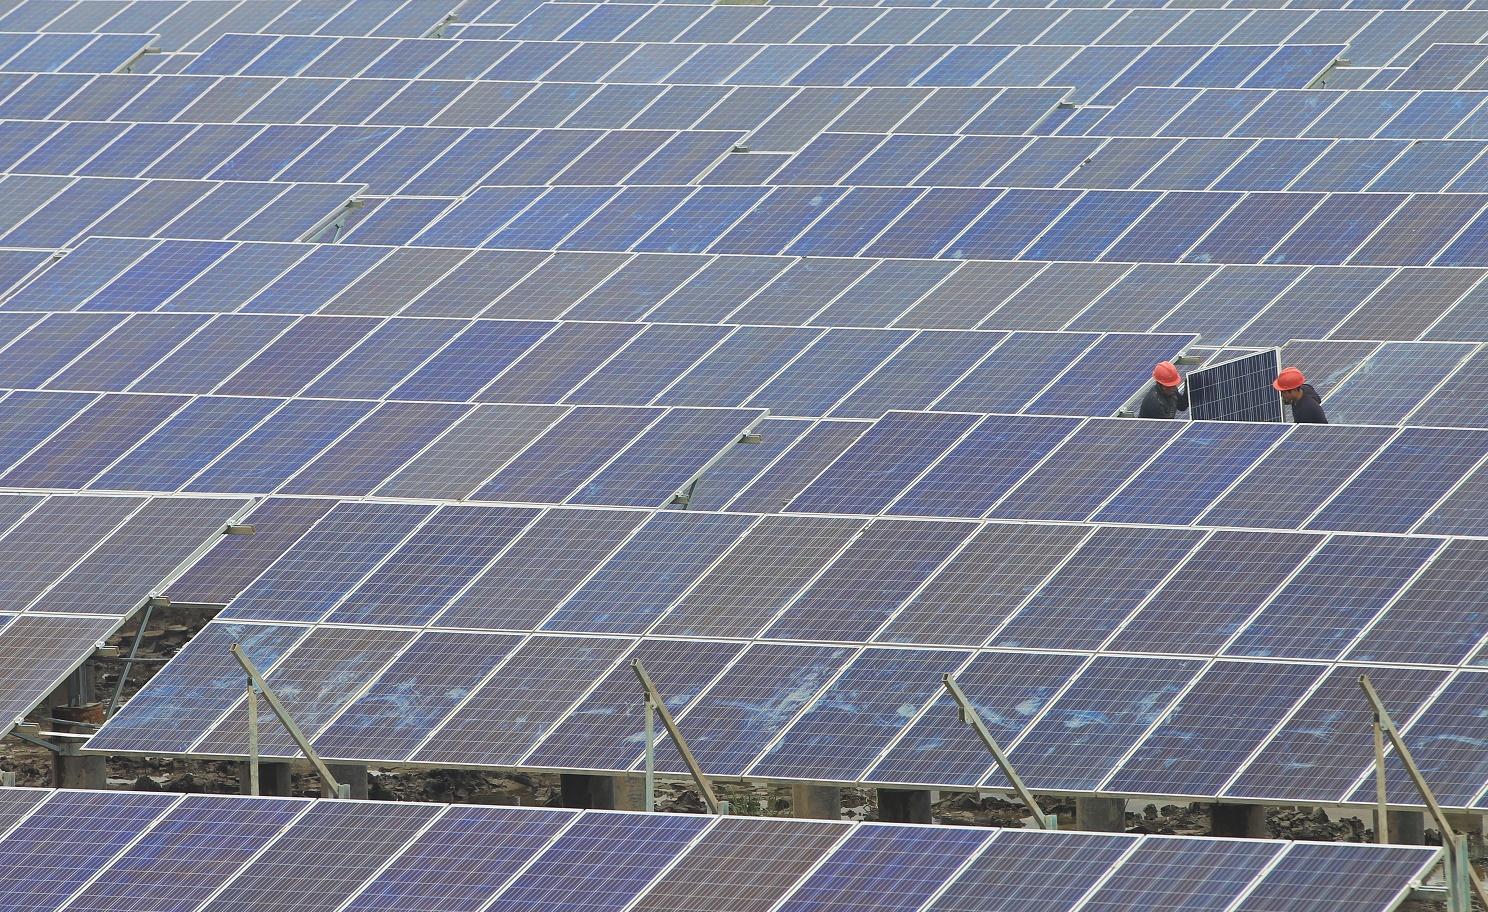 Rifkin aposta que o epicentro de uma revolução mundial é a China, entre razões está o investimento em energia renovável. Foto Chang kong /Imaginechina